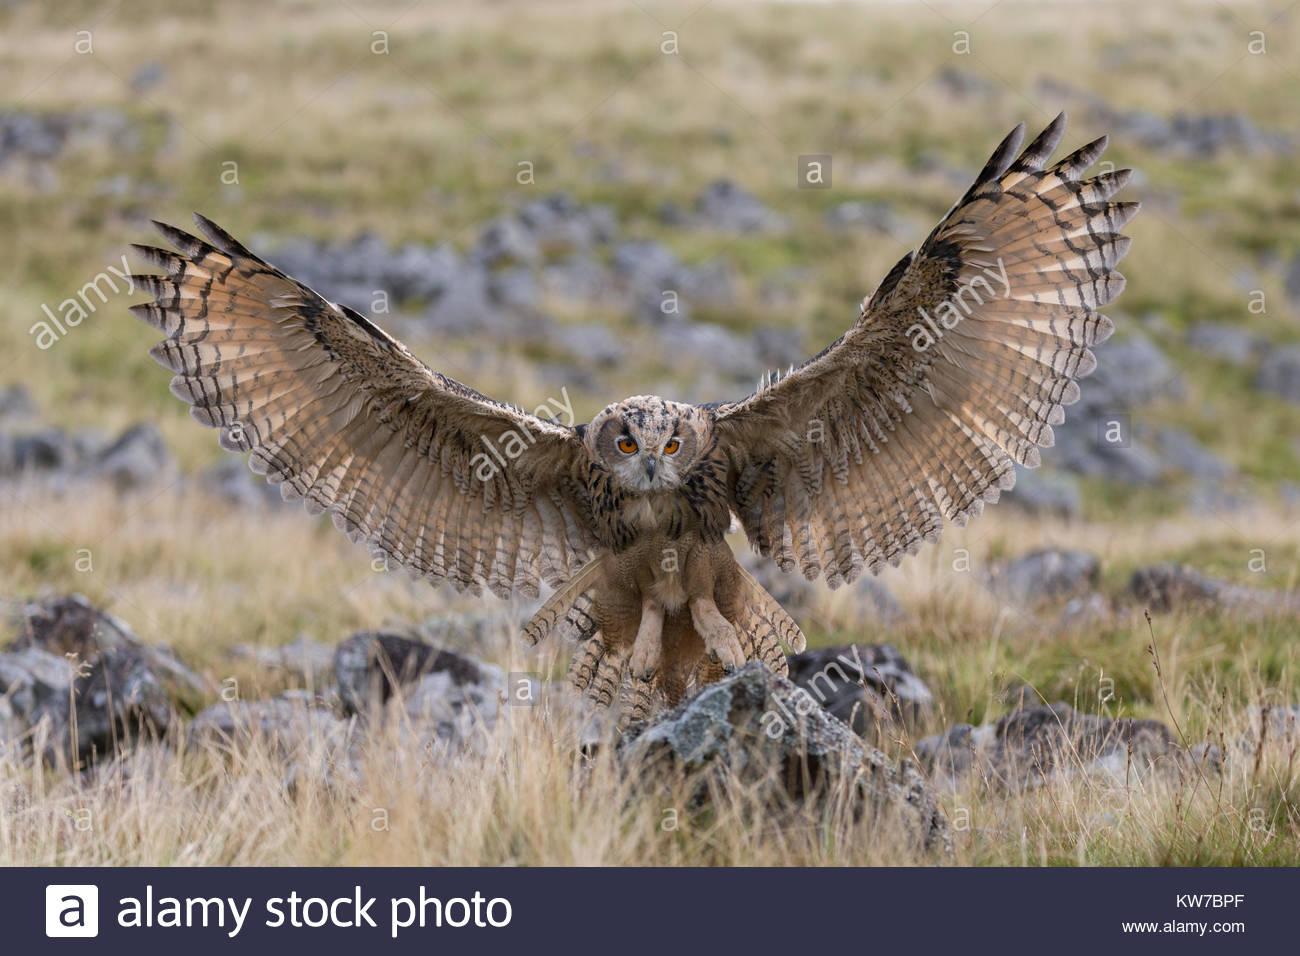 Eurasia (europeo), búho real (Bubo bubo) menores en vuelo cautivo, Cumbria, Reino Unido, agosto de 2017 Imagen De Stock